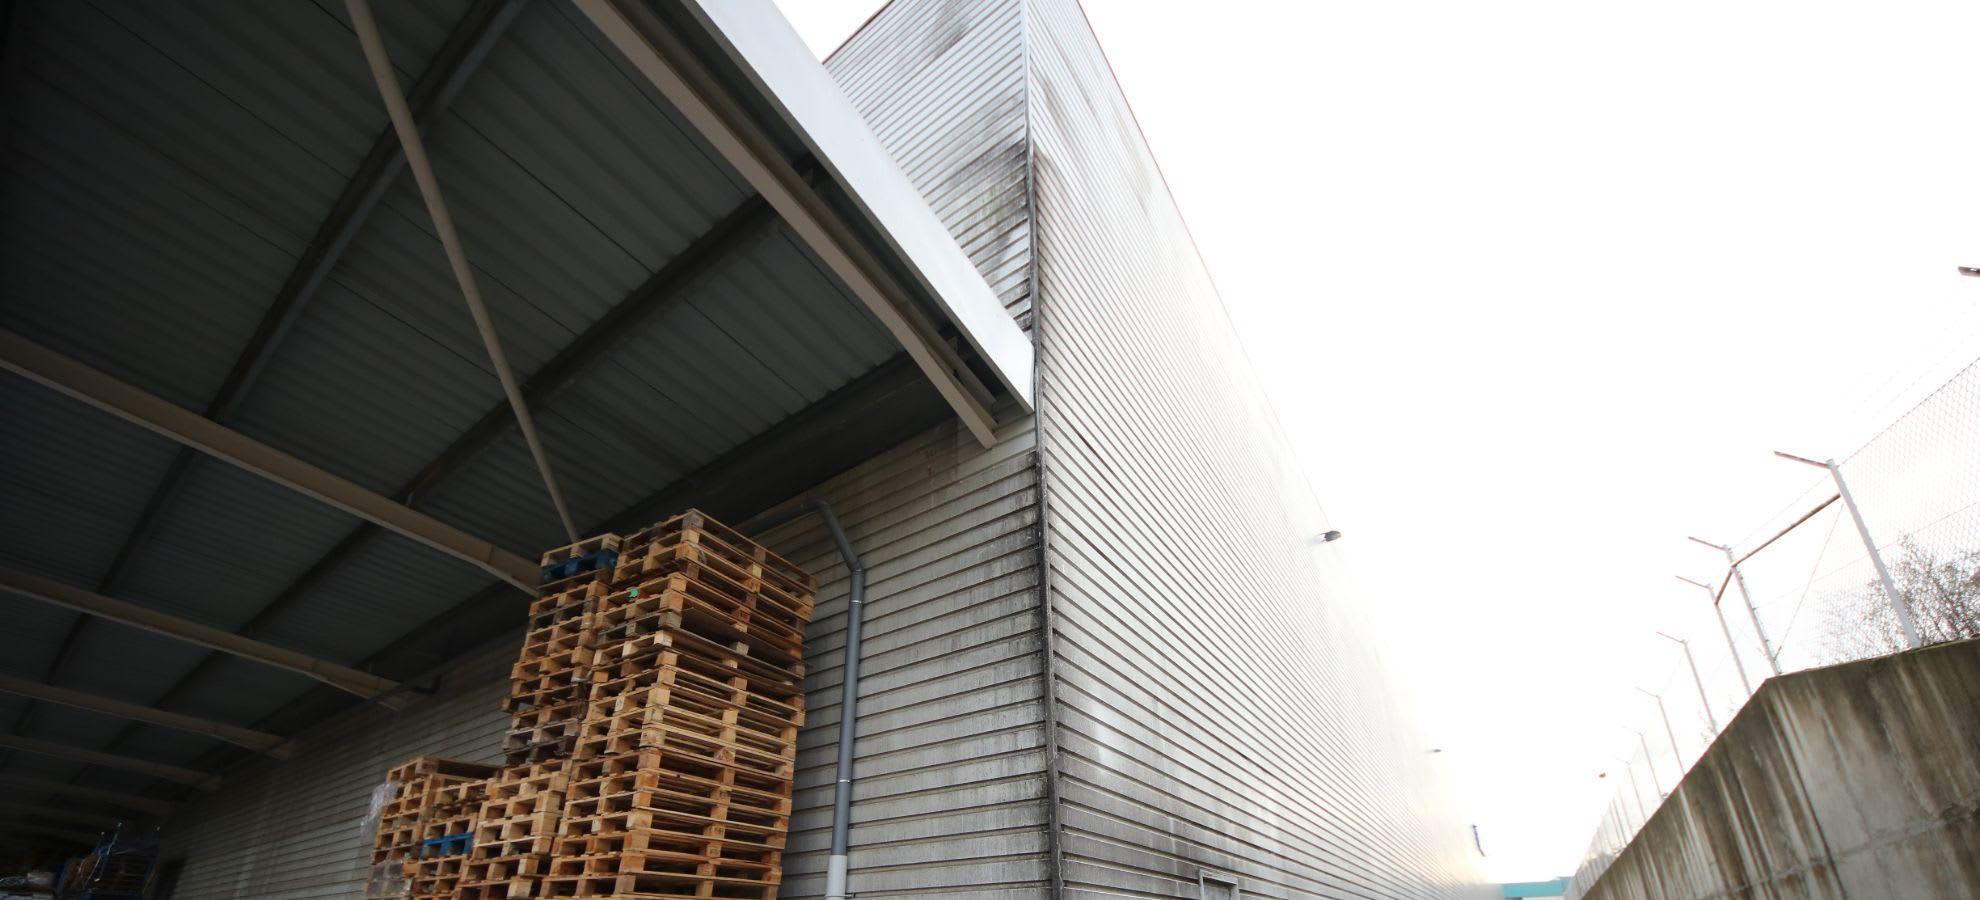 Lavagem fachadas em Chapa Canelada / Alucobond image